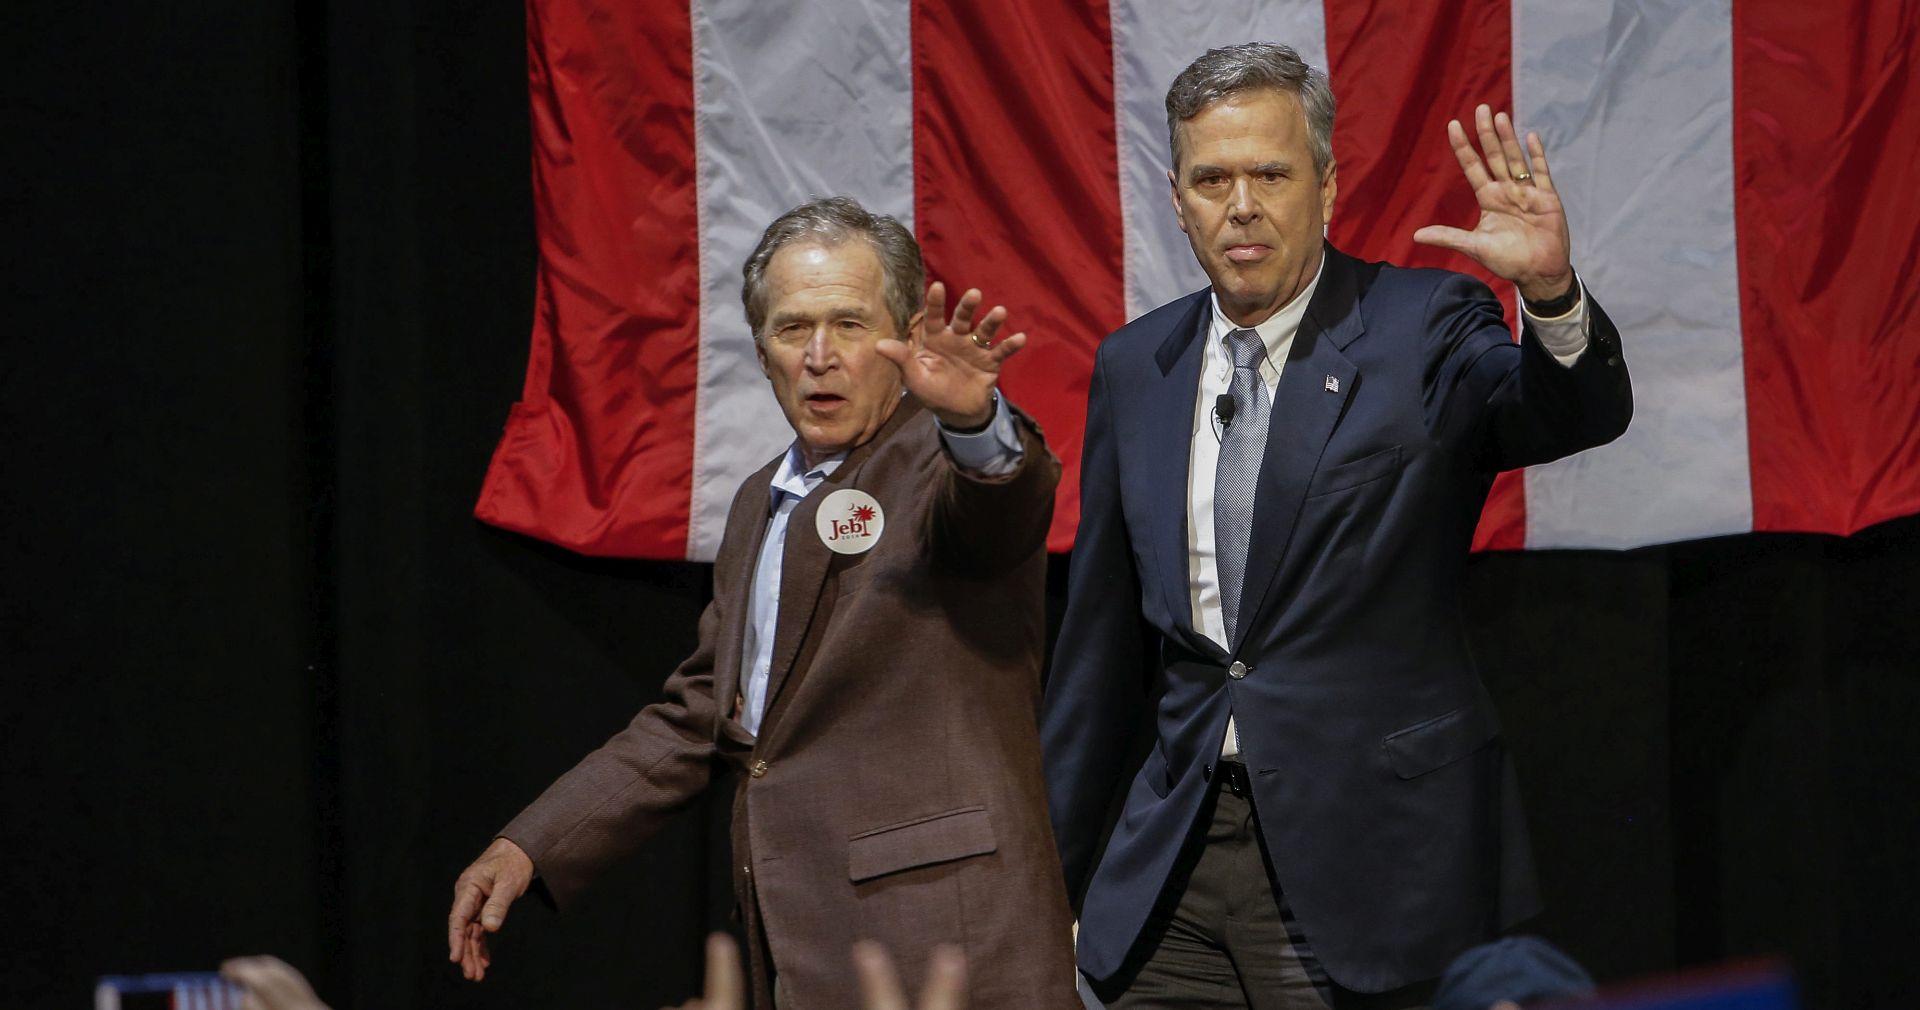 George W. Bush priključio se kampanji mlađeg brata Jeba